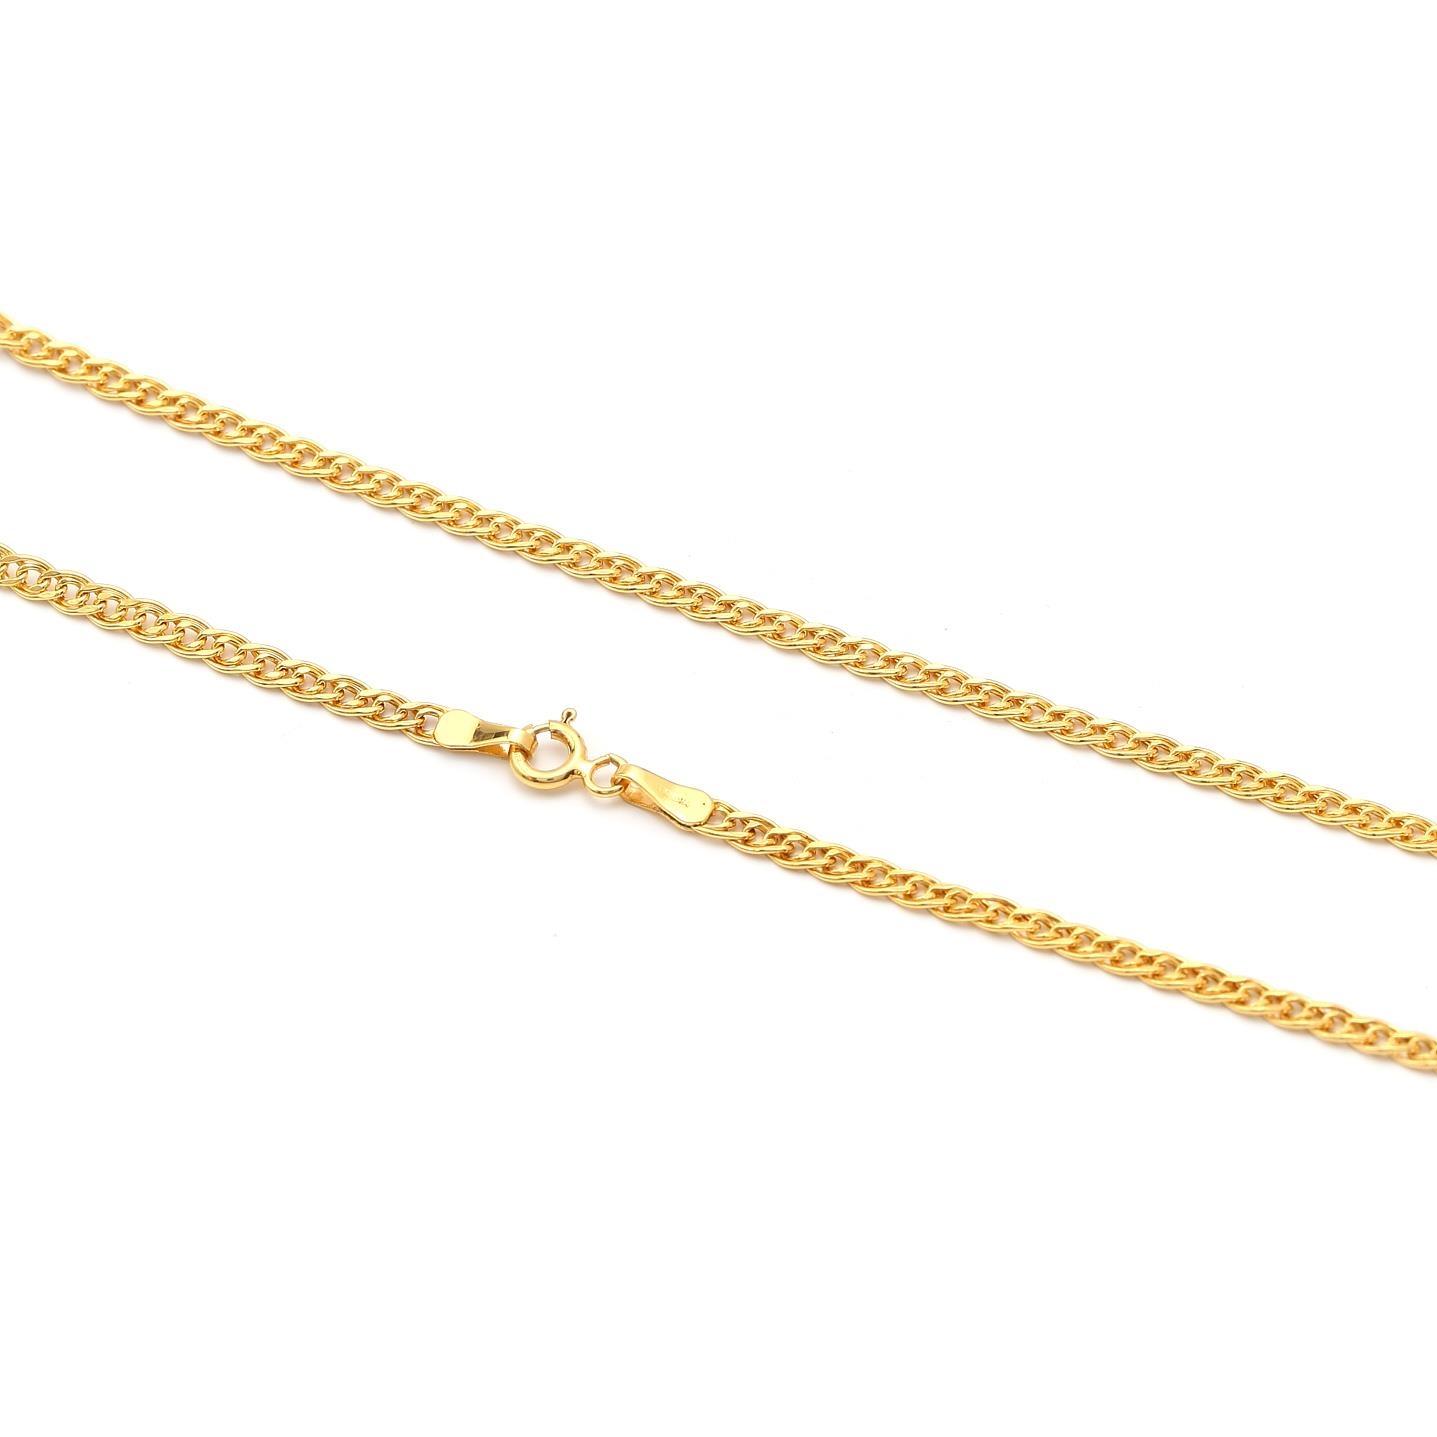 Zlatá retiazka PERINNETE 5RZ00084_1